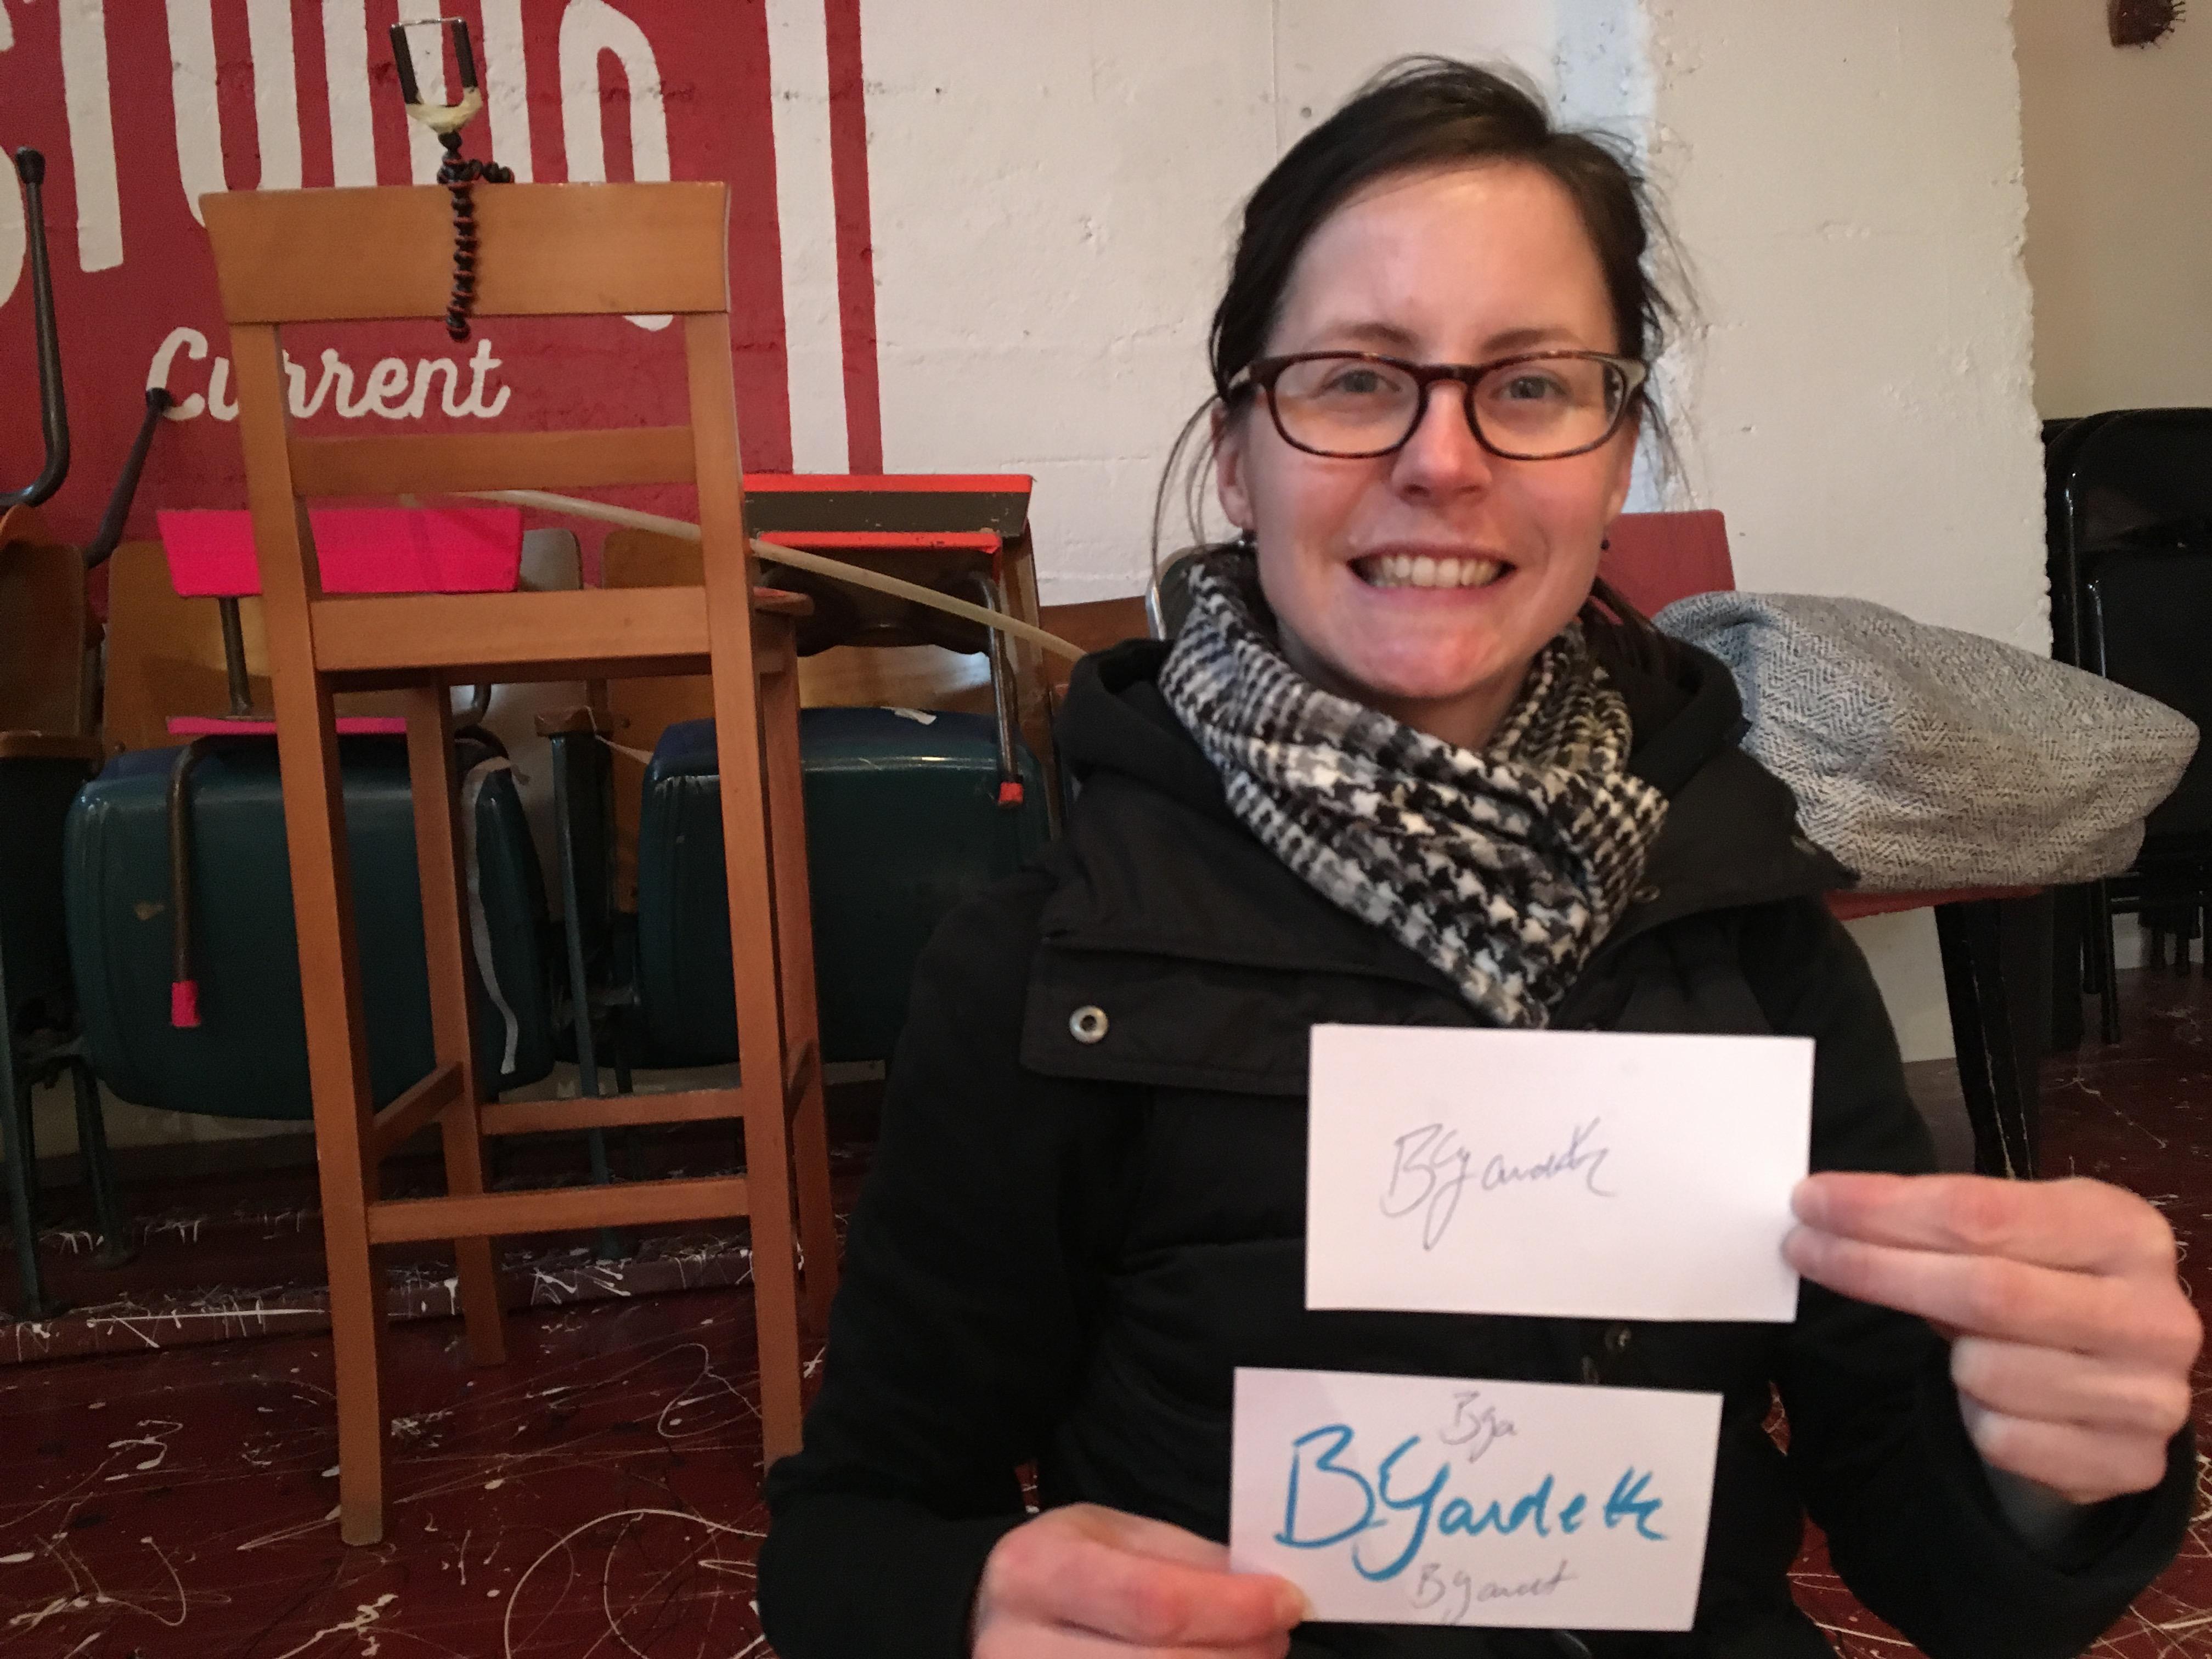 Brittany Gaudette